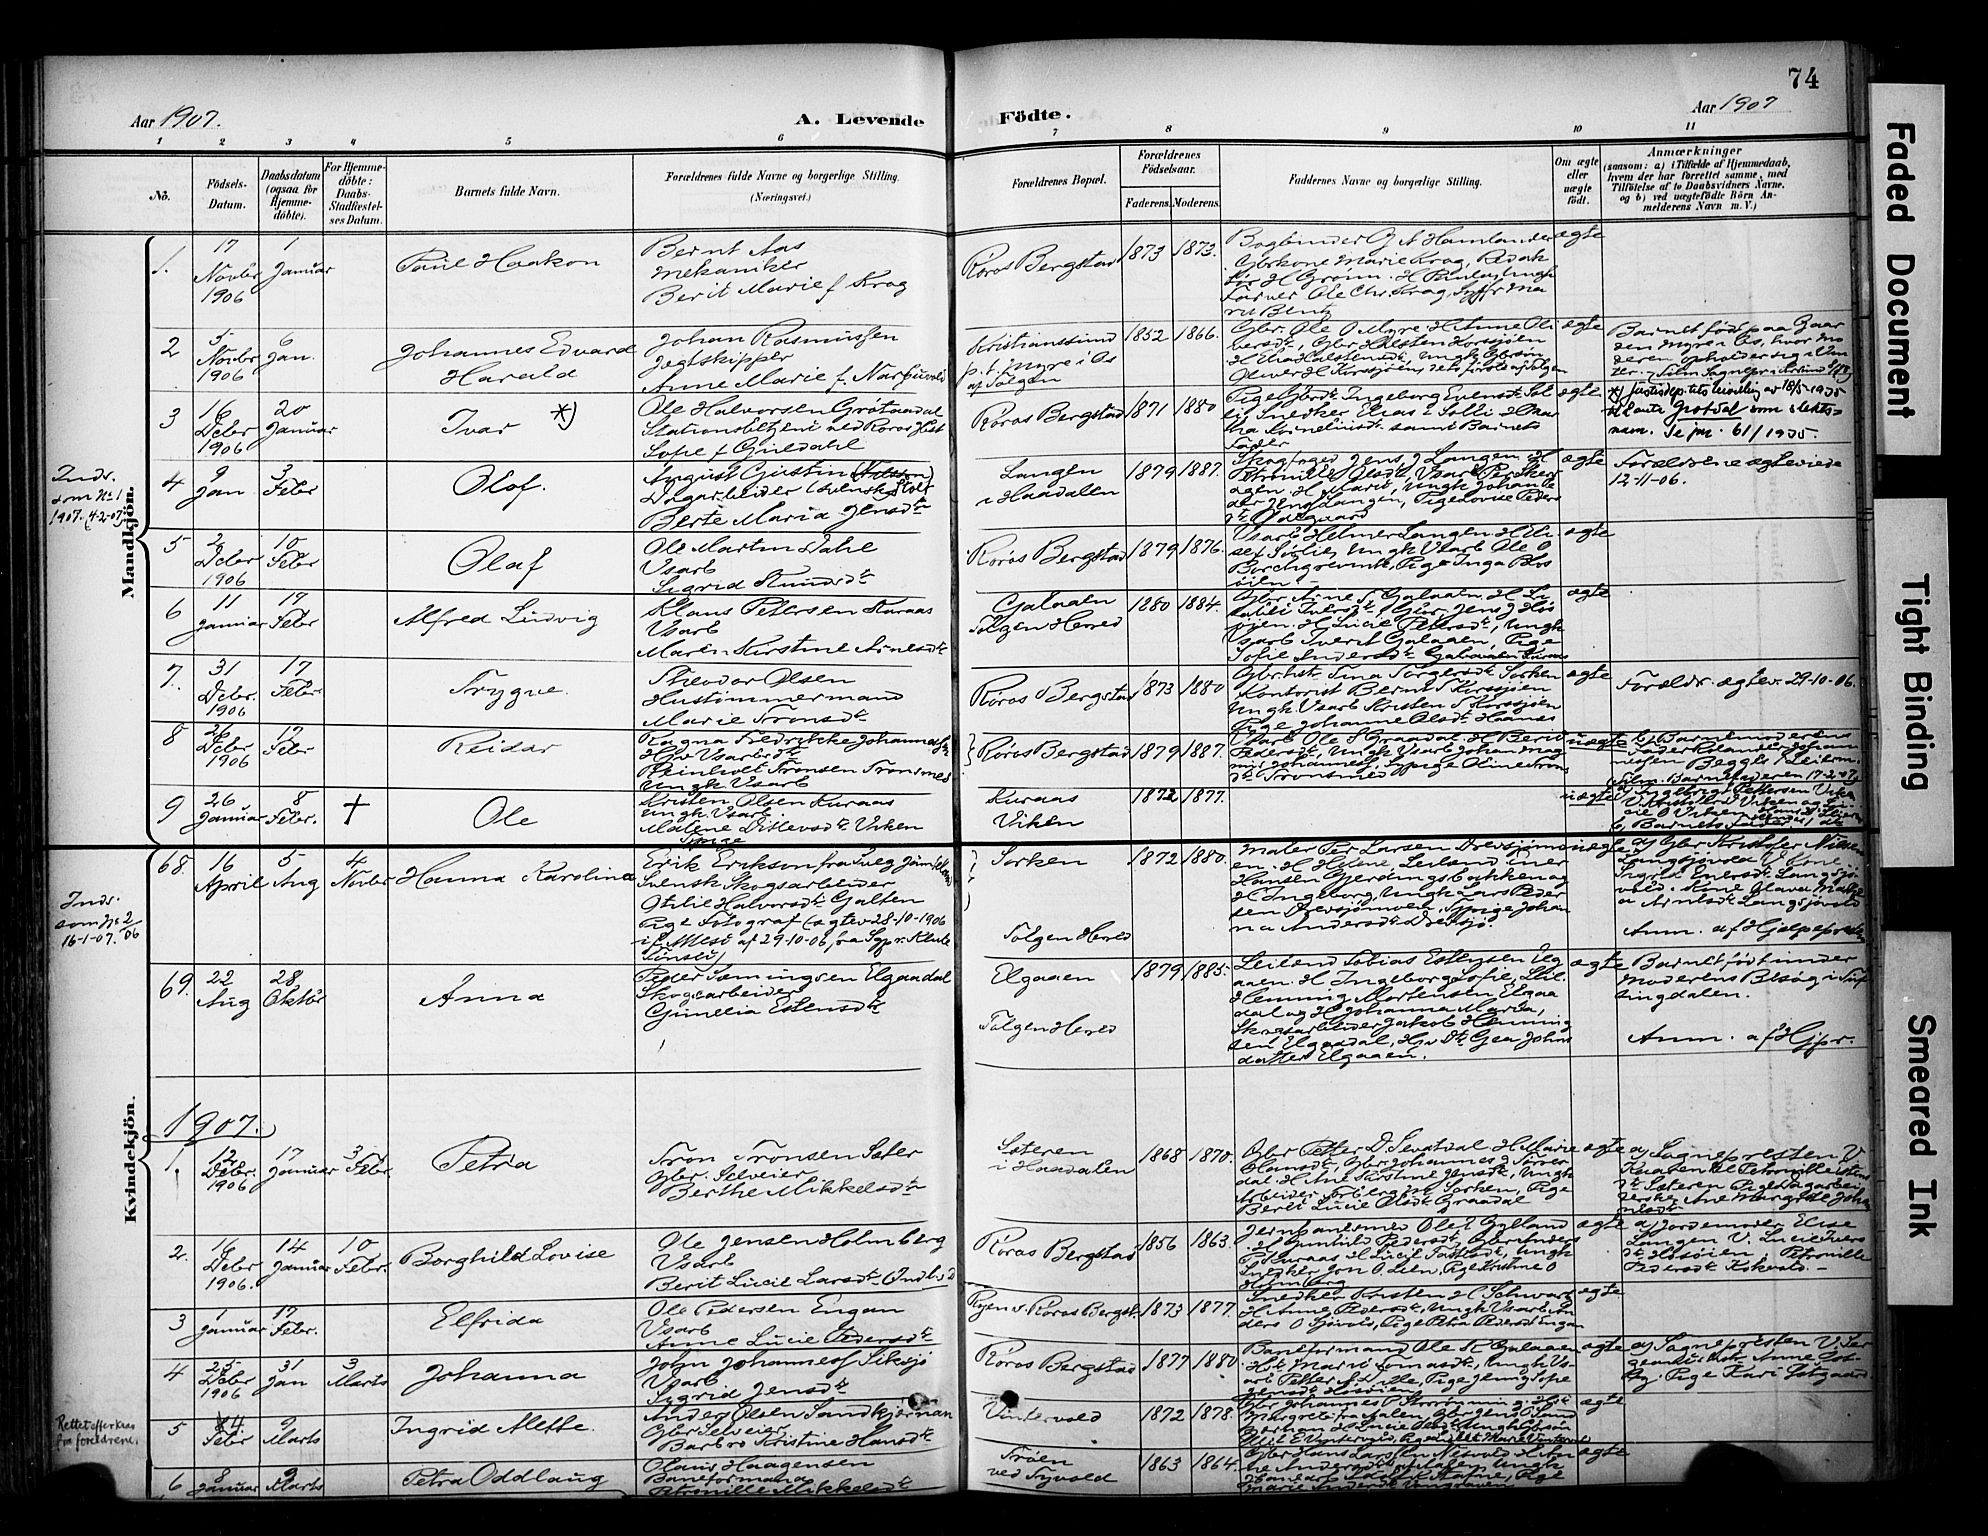 SAT, Ministerialprotokoller, klokkerbøker og fødselsregistre - Sør-Trøndelag, 681/L0936: Ministerialbok nr. 681A14, 1899-1908, s. 74